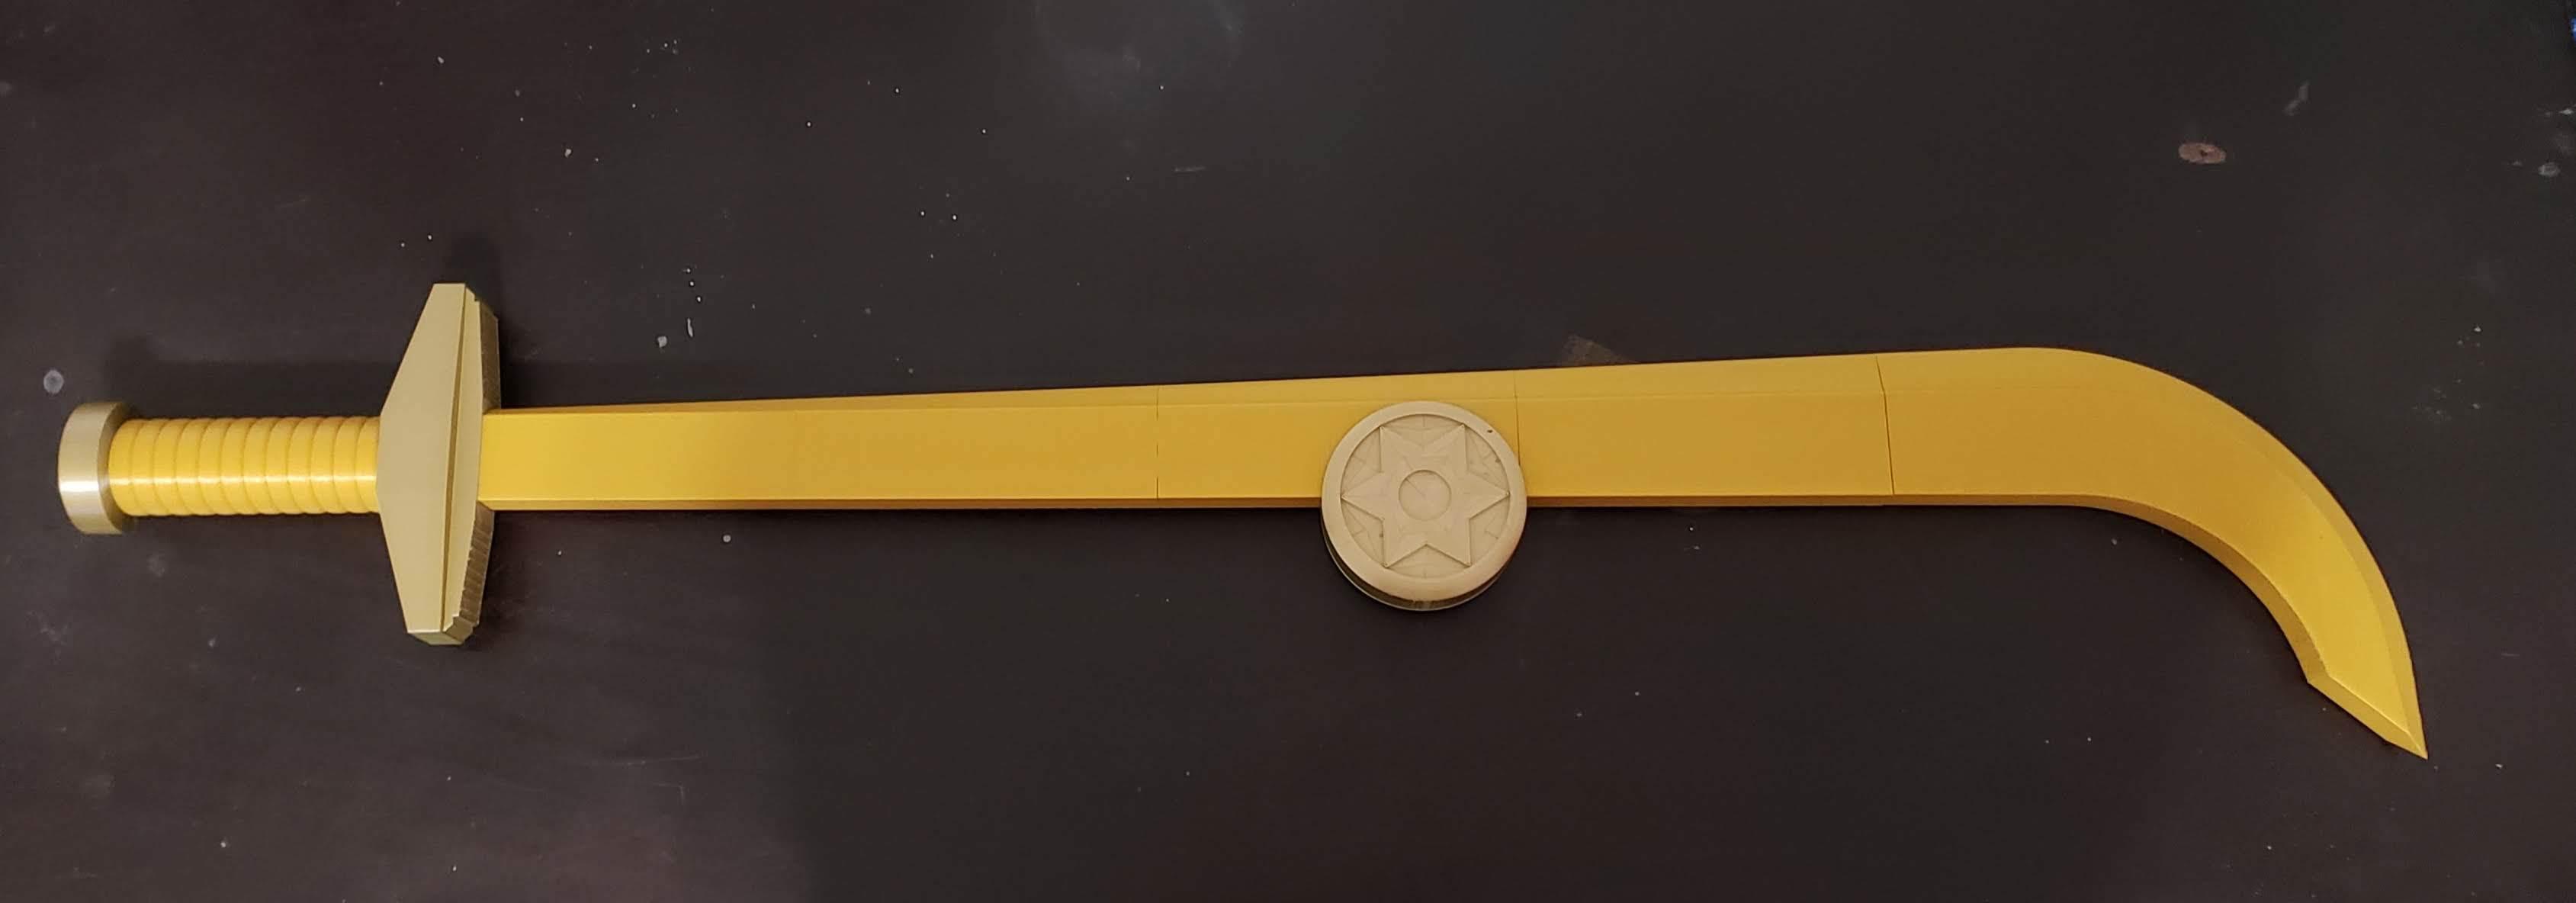 20200102_170809.jpg Download STL file Golden Sword from Flash Gordon - Step File • 3D print model, Dsk